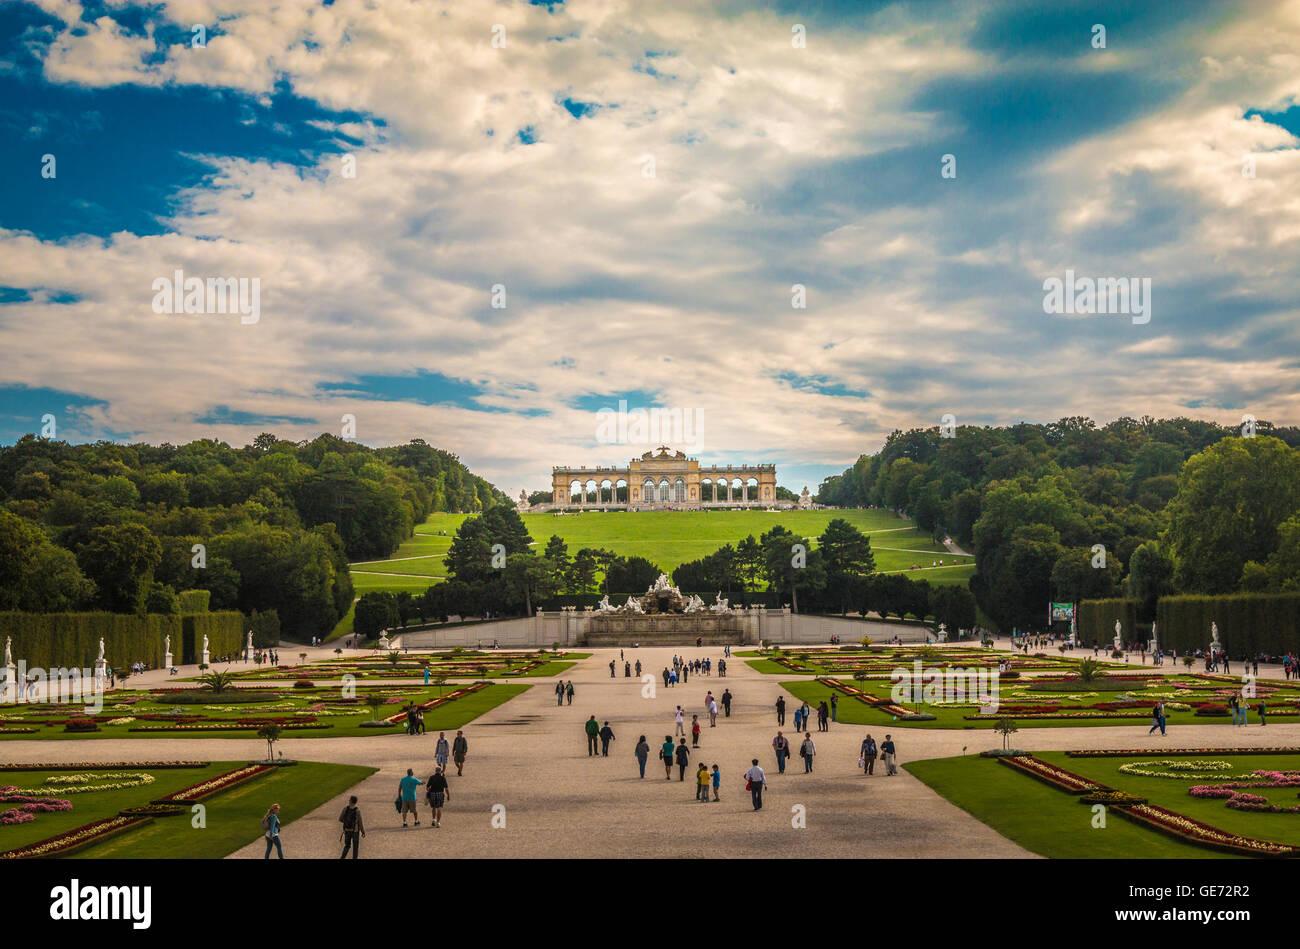 Schönbrunn Palace in Vienna Austria - Stock Image